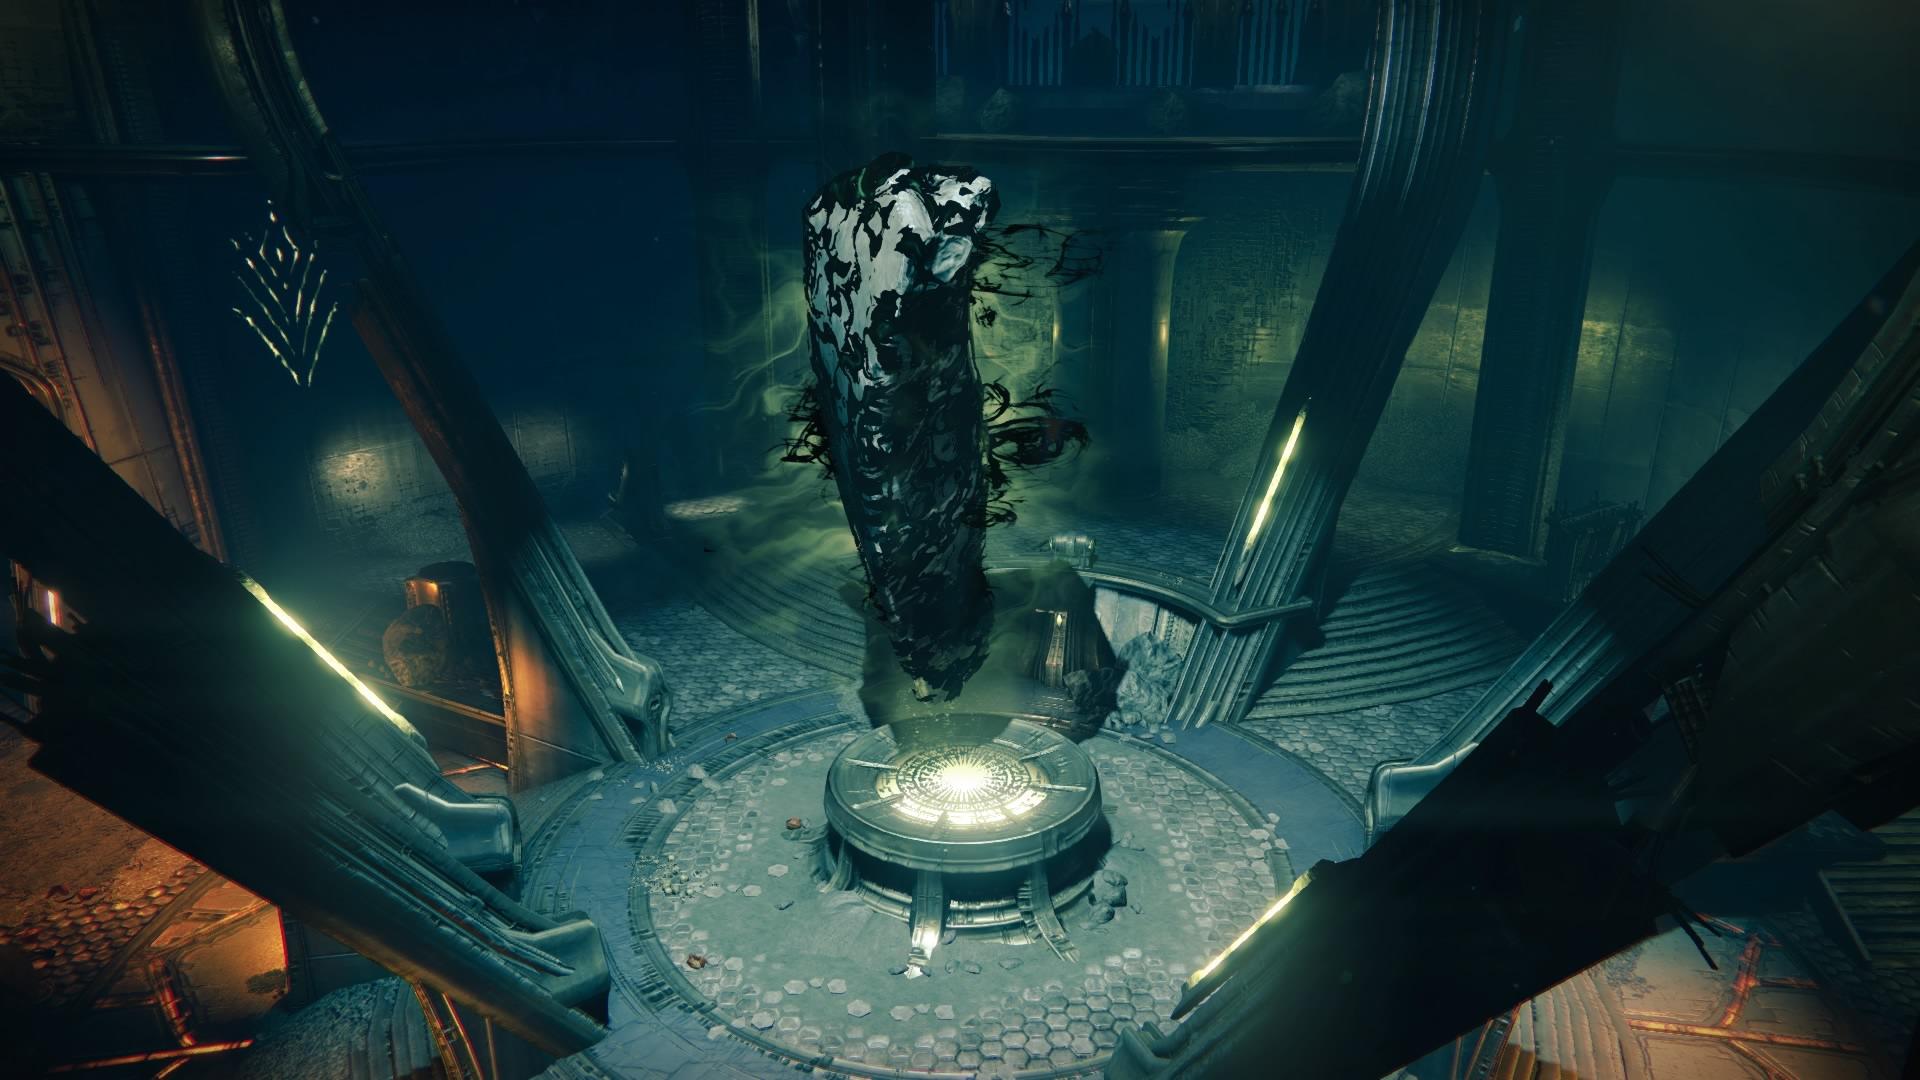 destiny chamber of night에 대한 이미지 검색결과